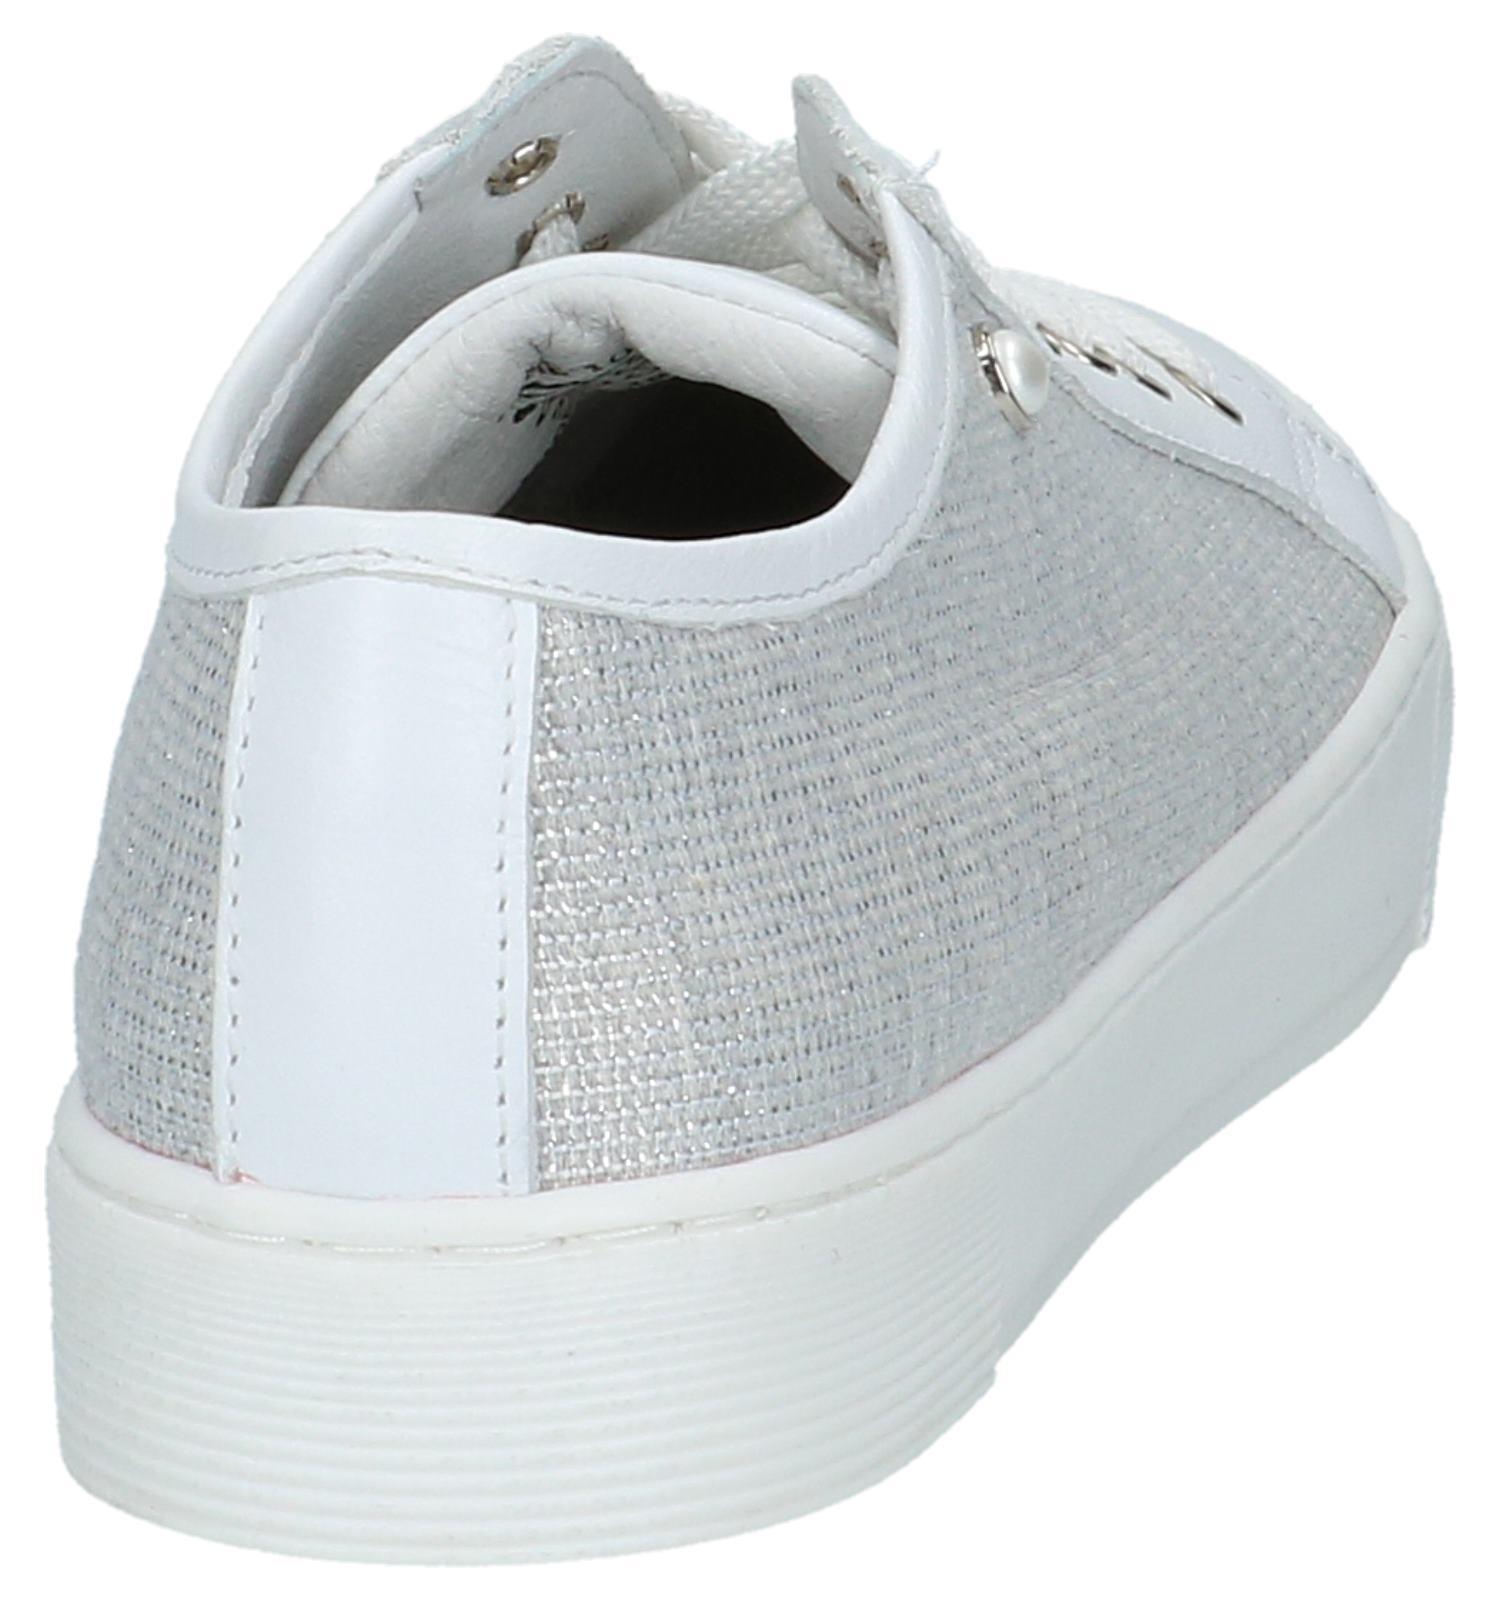 Woods Wit Lage Geklede River Sneakers Fobie 9YHW2IebDE